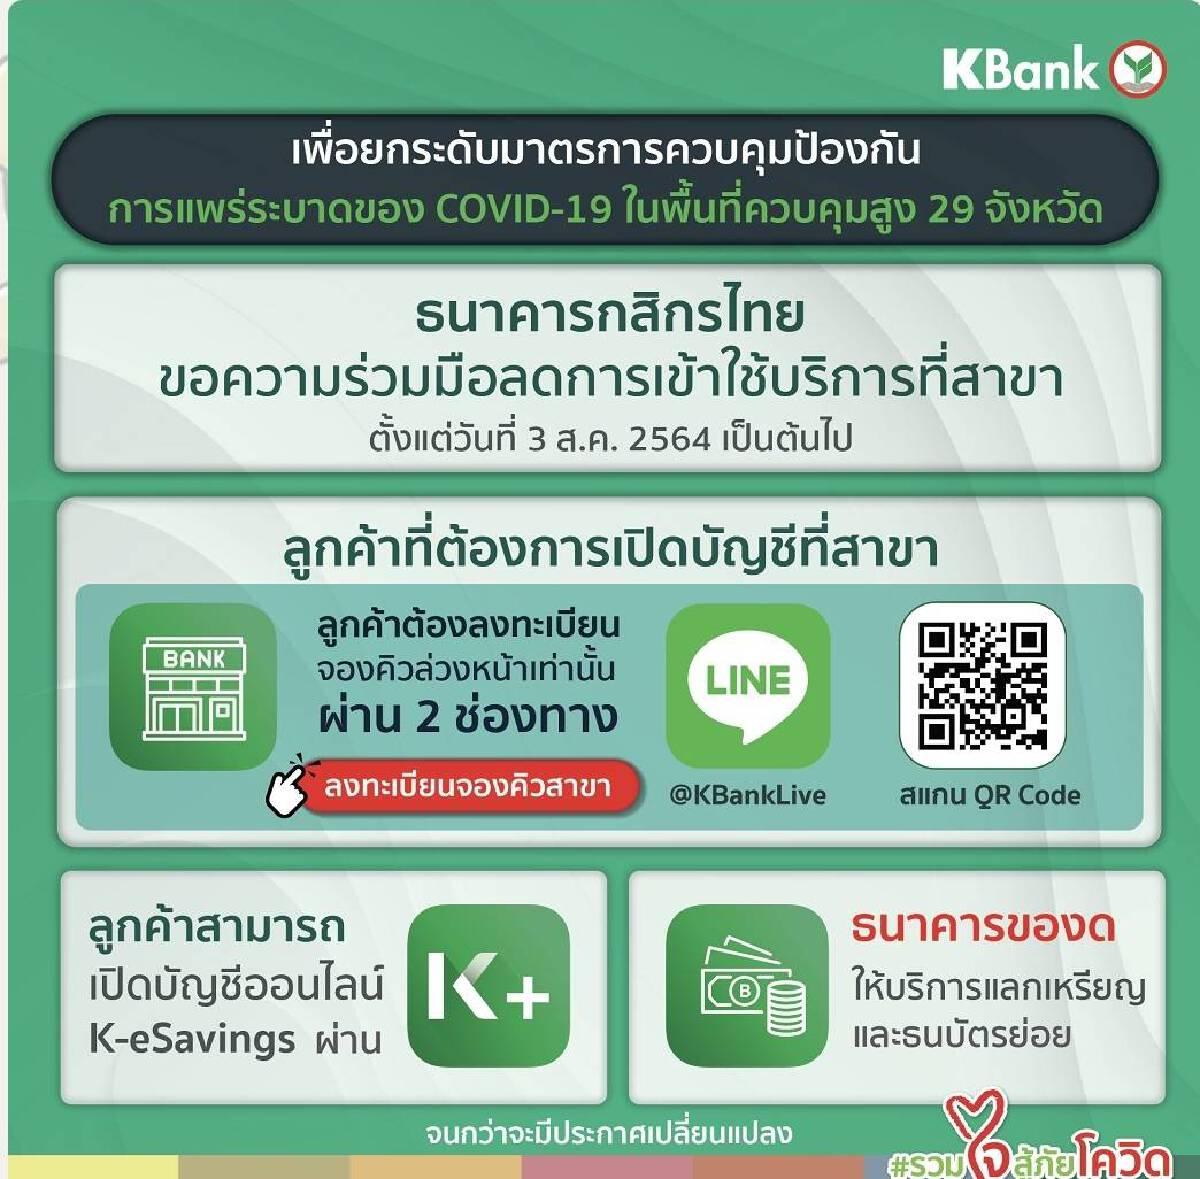 กสิกรไทย  ขอความร่วมมือลูกค้าลดใช้บริการที่สาขาตั้งแต่  3ส.ค. 2564เป็นต้นไป